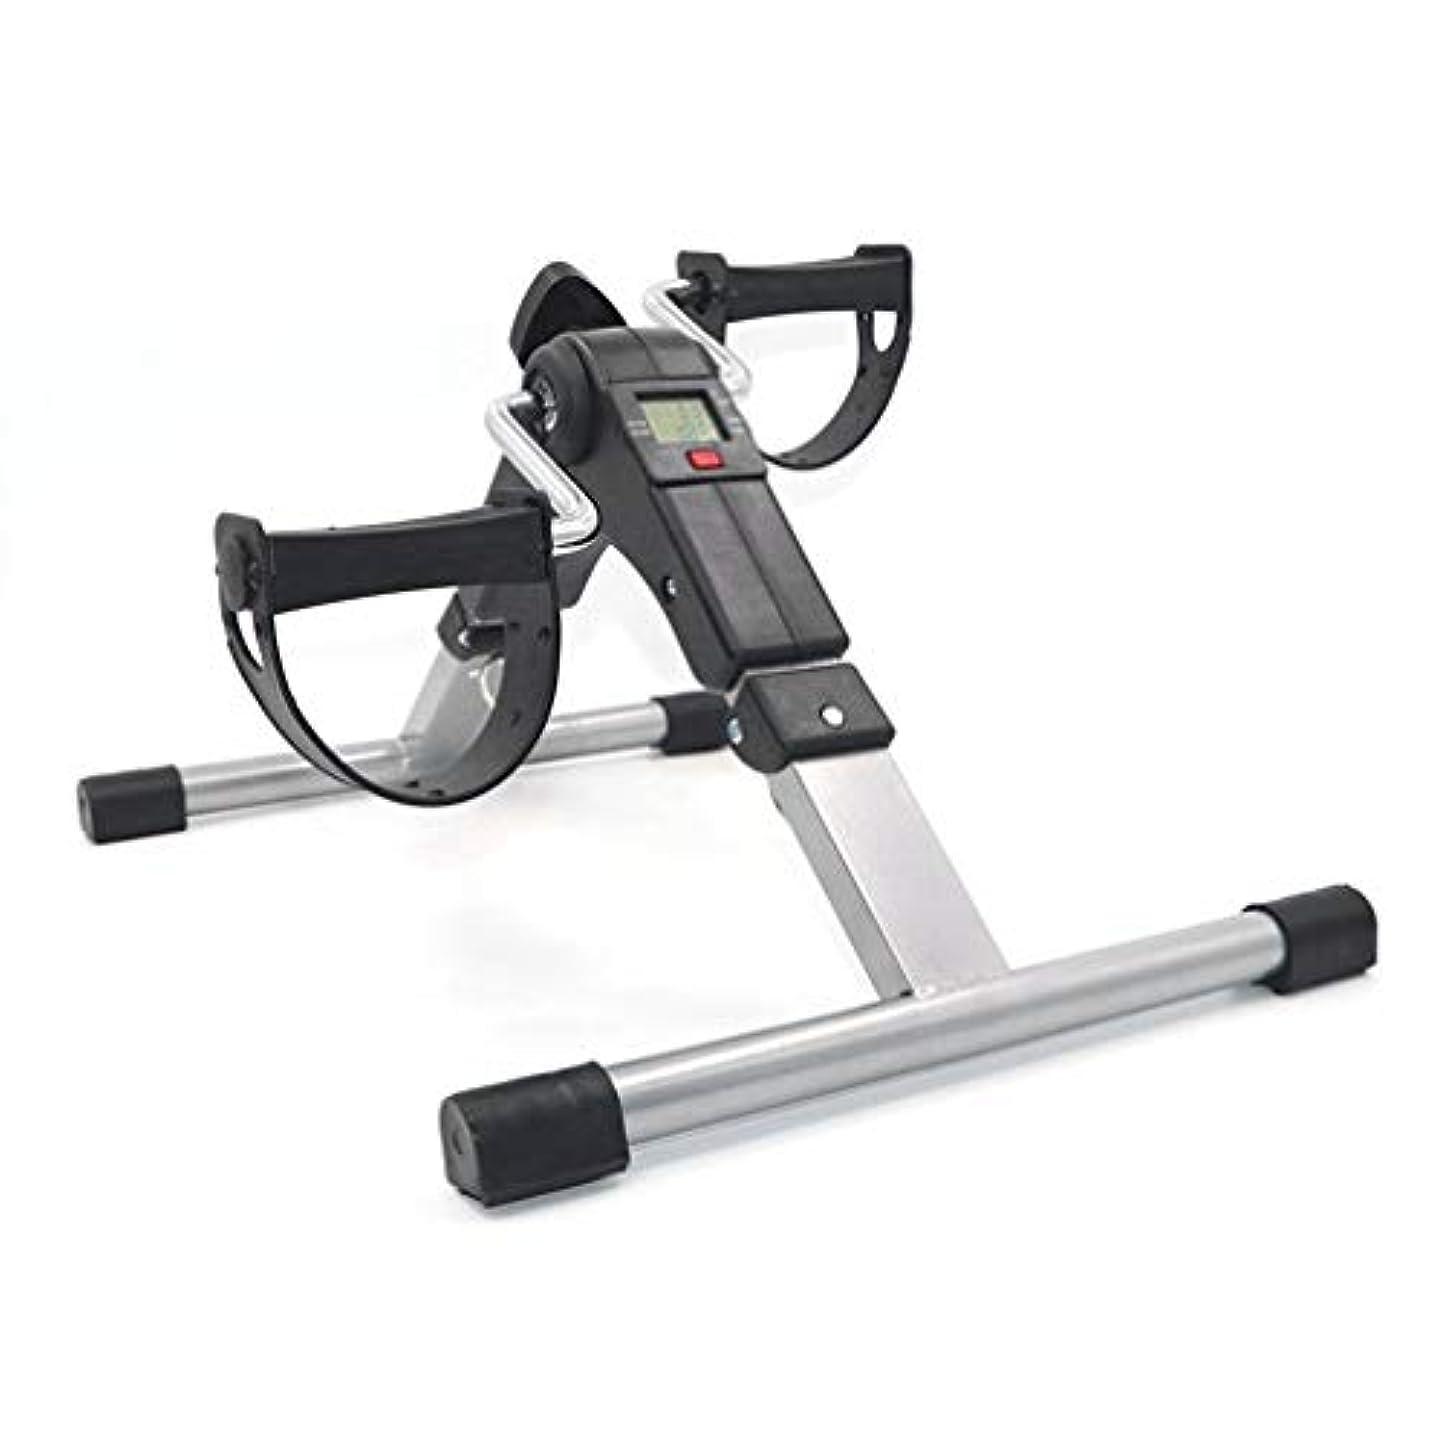 郵便艶避難実用的なトレーナー自転車脚エクササイザーストローク片麻痺リハビリテーションペダル-innovationo